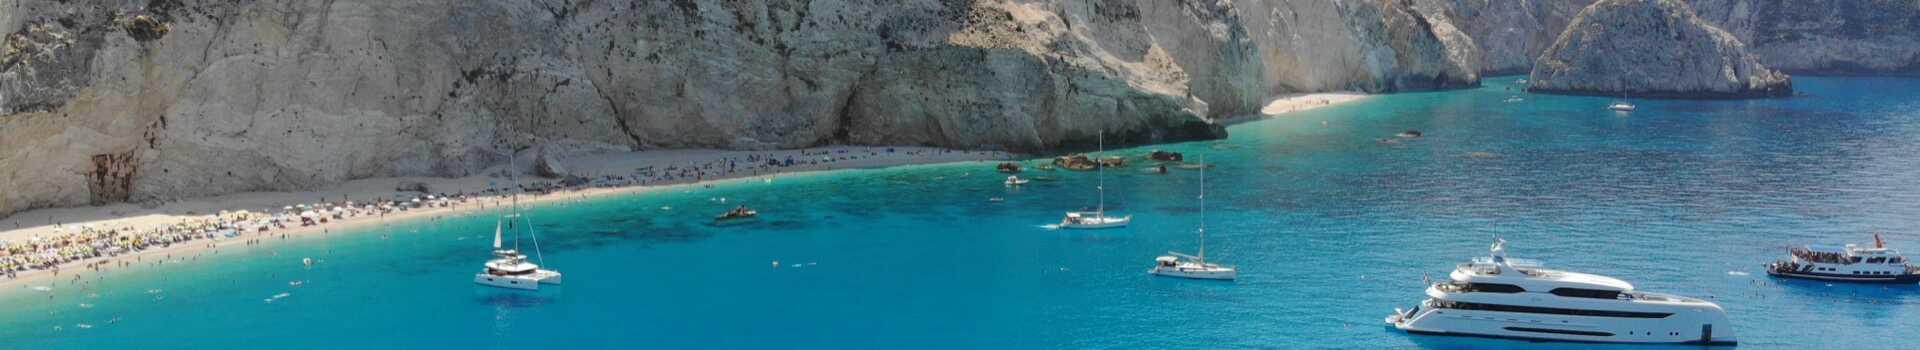 Řecko, Lefkáda, pláž Porto Katsiki7